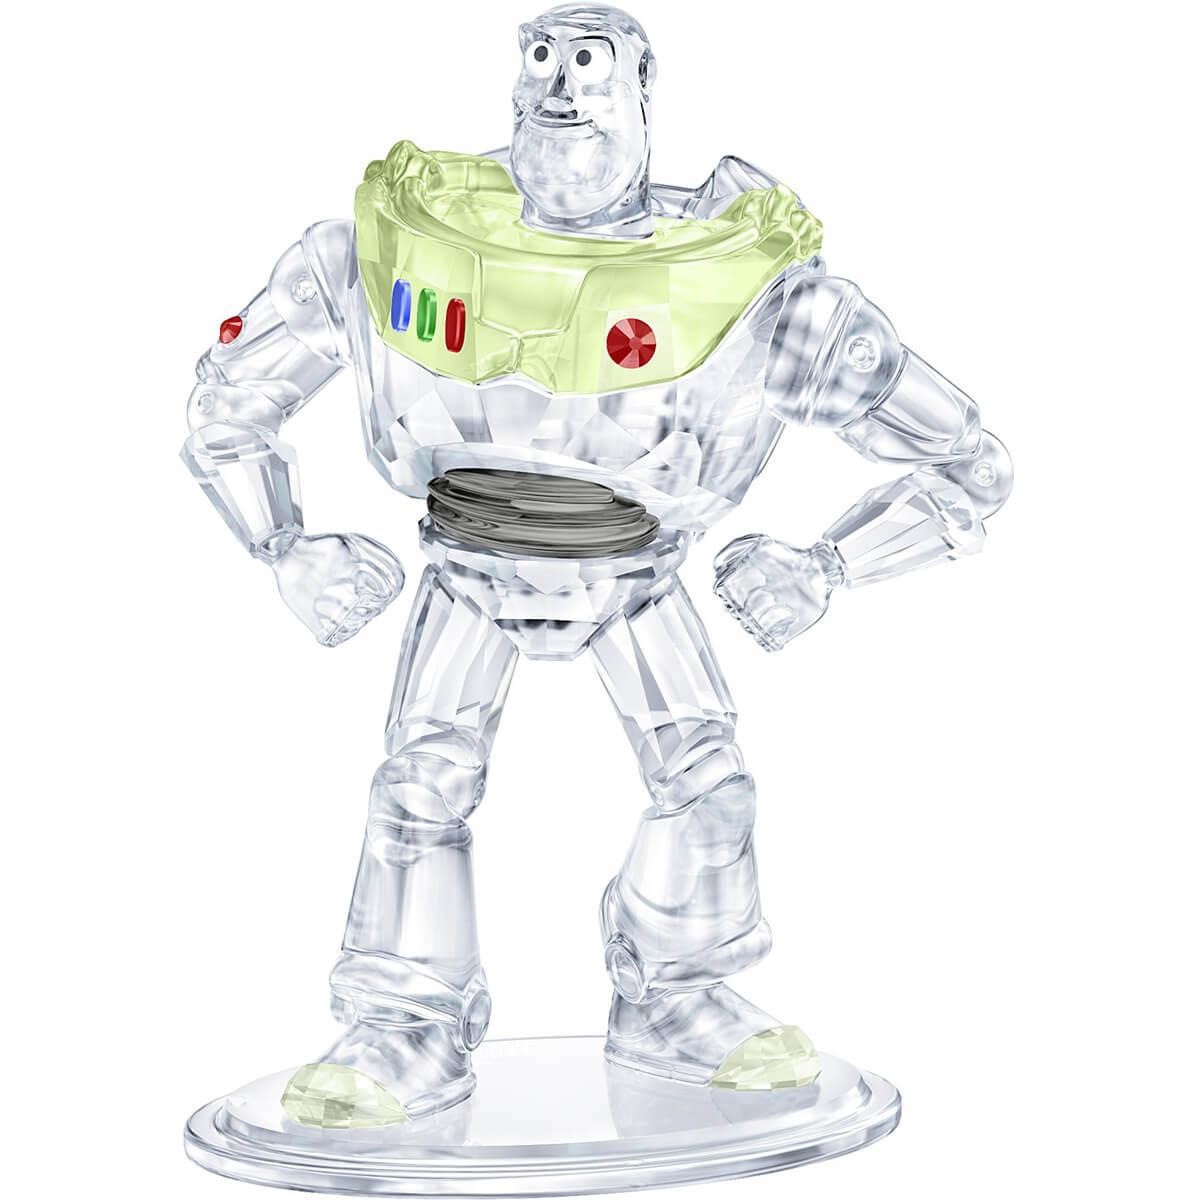 送料無料 スワロ社紙袋 ケアカード 箱付き スワロフスキー SWAROVSKI 往復送料無料 トイ 当店限定販売 ストーリー バズ クリスタルオブジェ Pixar's Toy Story スワロフスキー社製置物 Disney ライトイヤー あす楽対応_関東